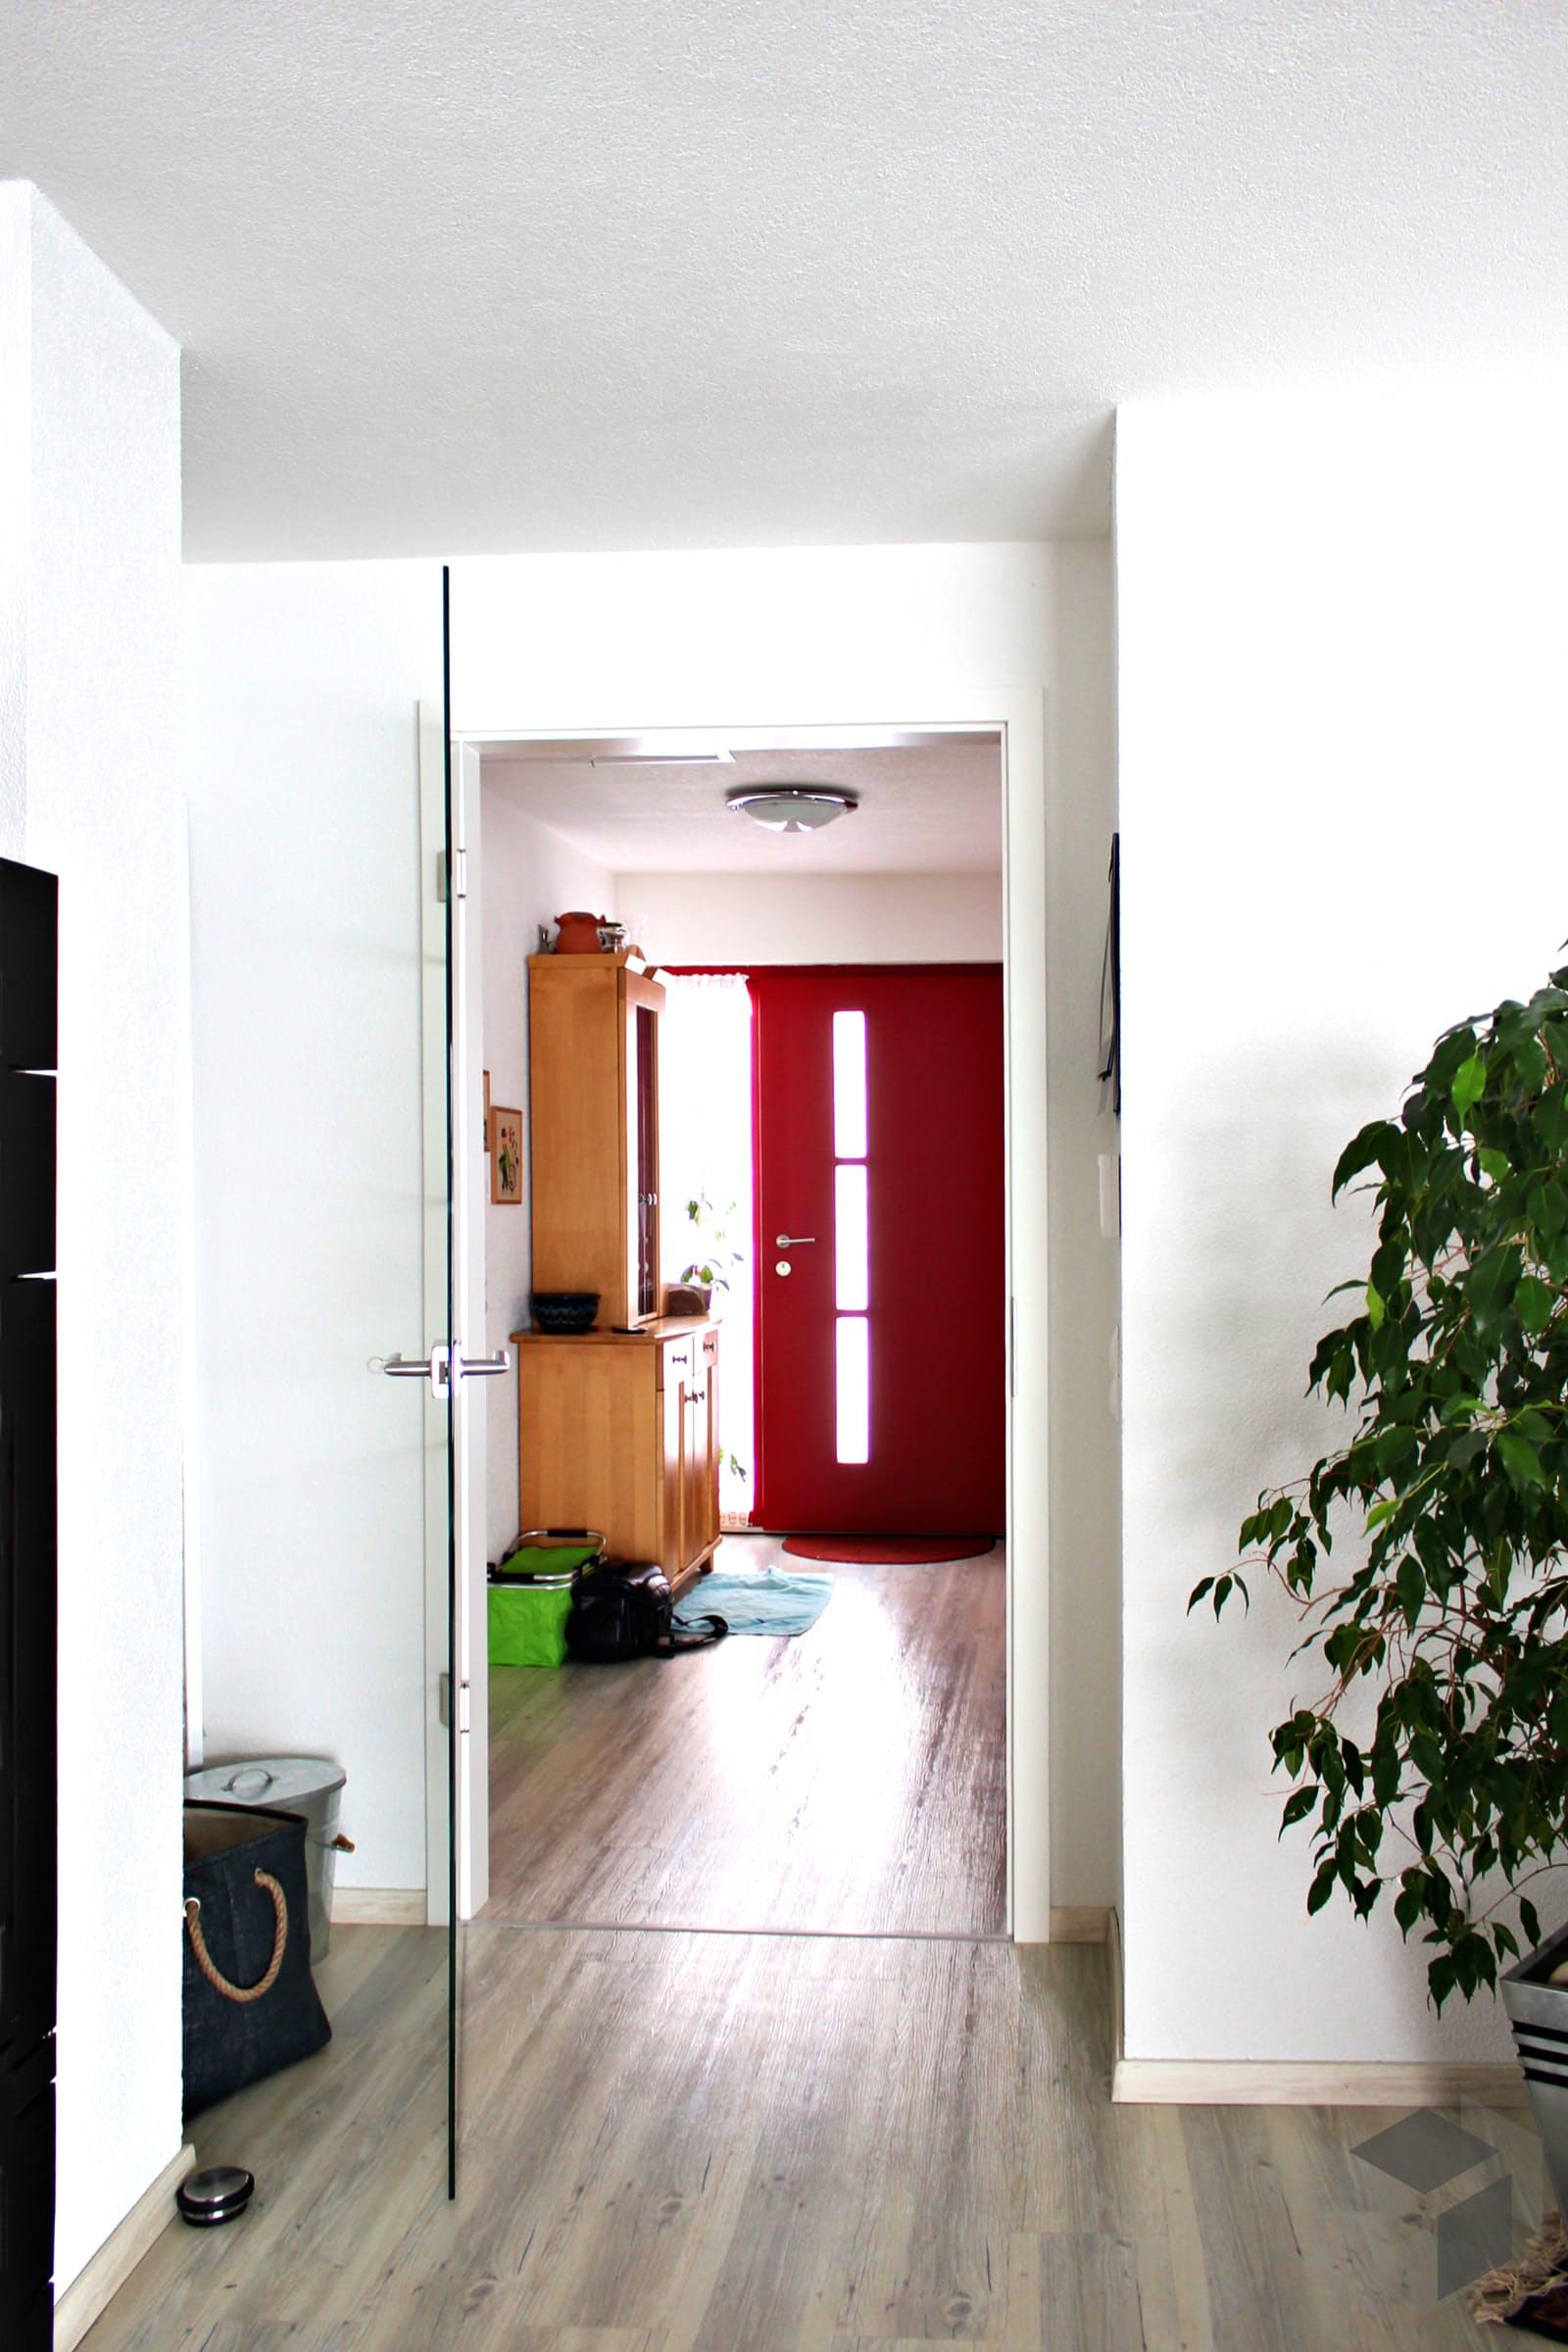 homestory 271 von lehner haus komplette daten bersicht. Black Bedroom Furniture Sets. Home Design Ideas